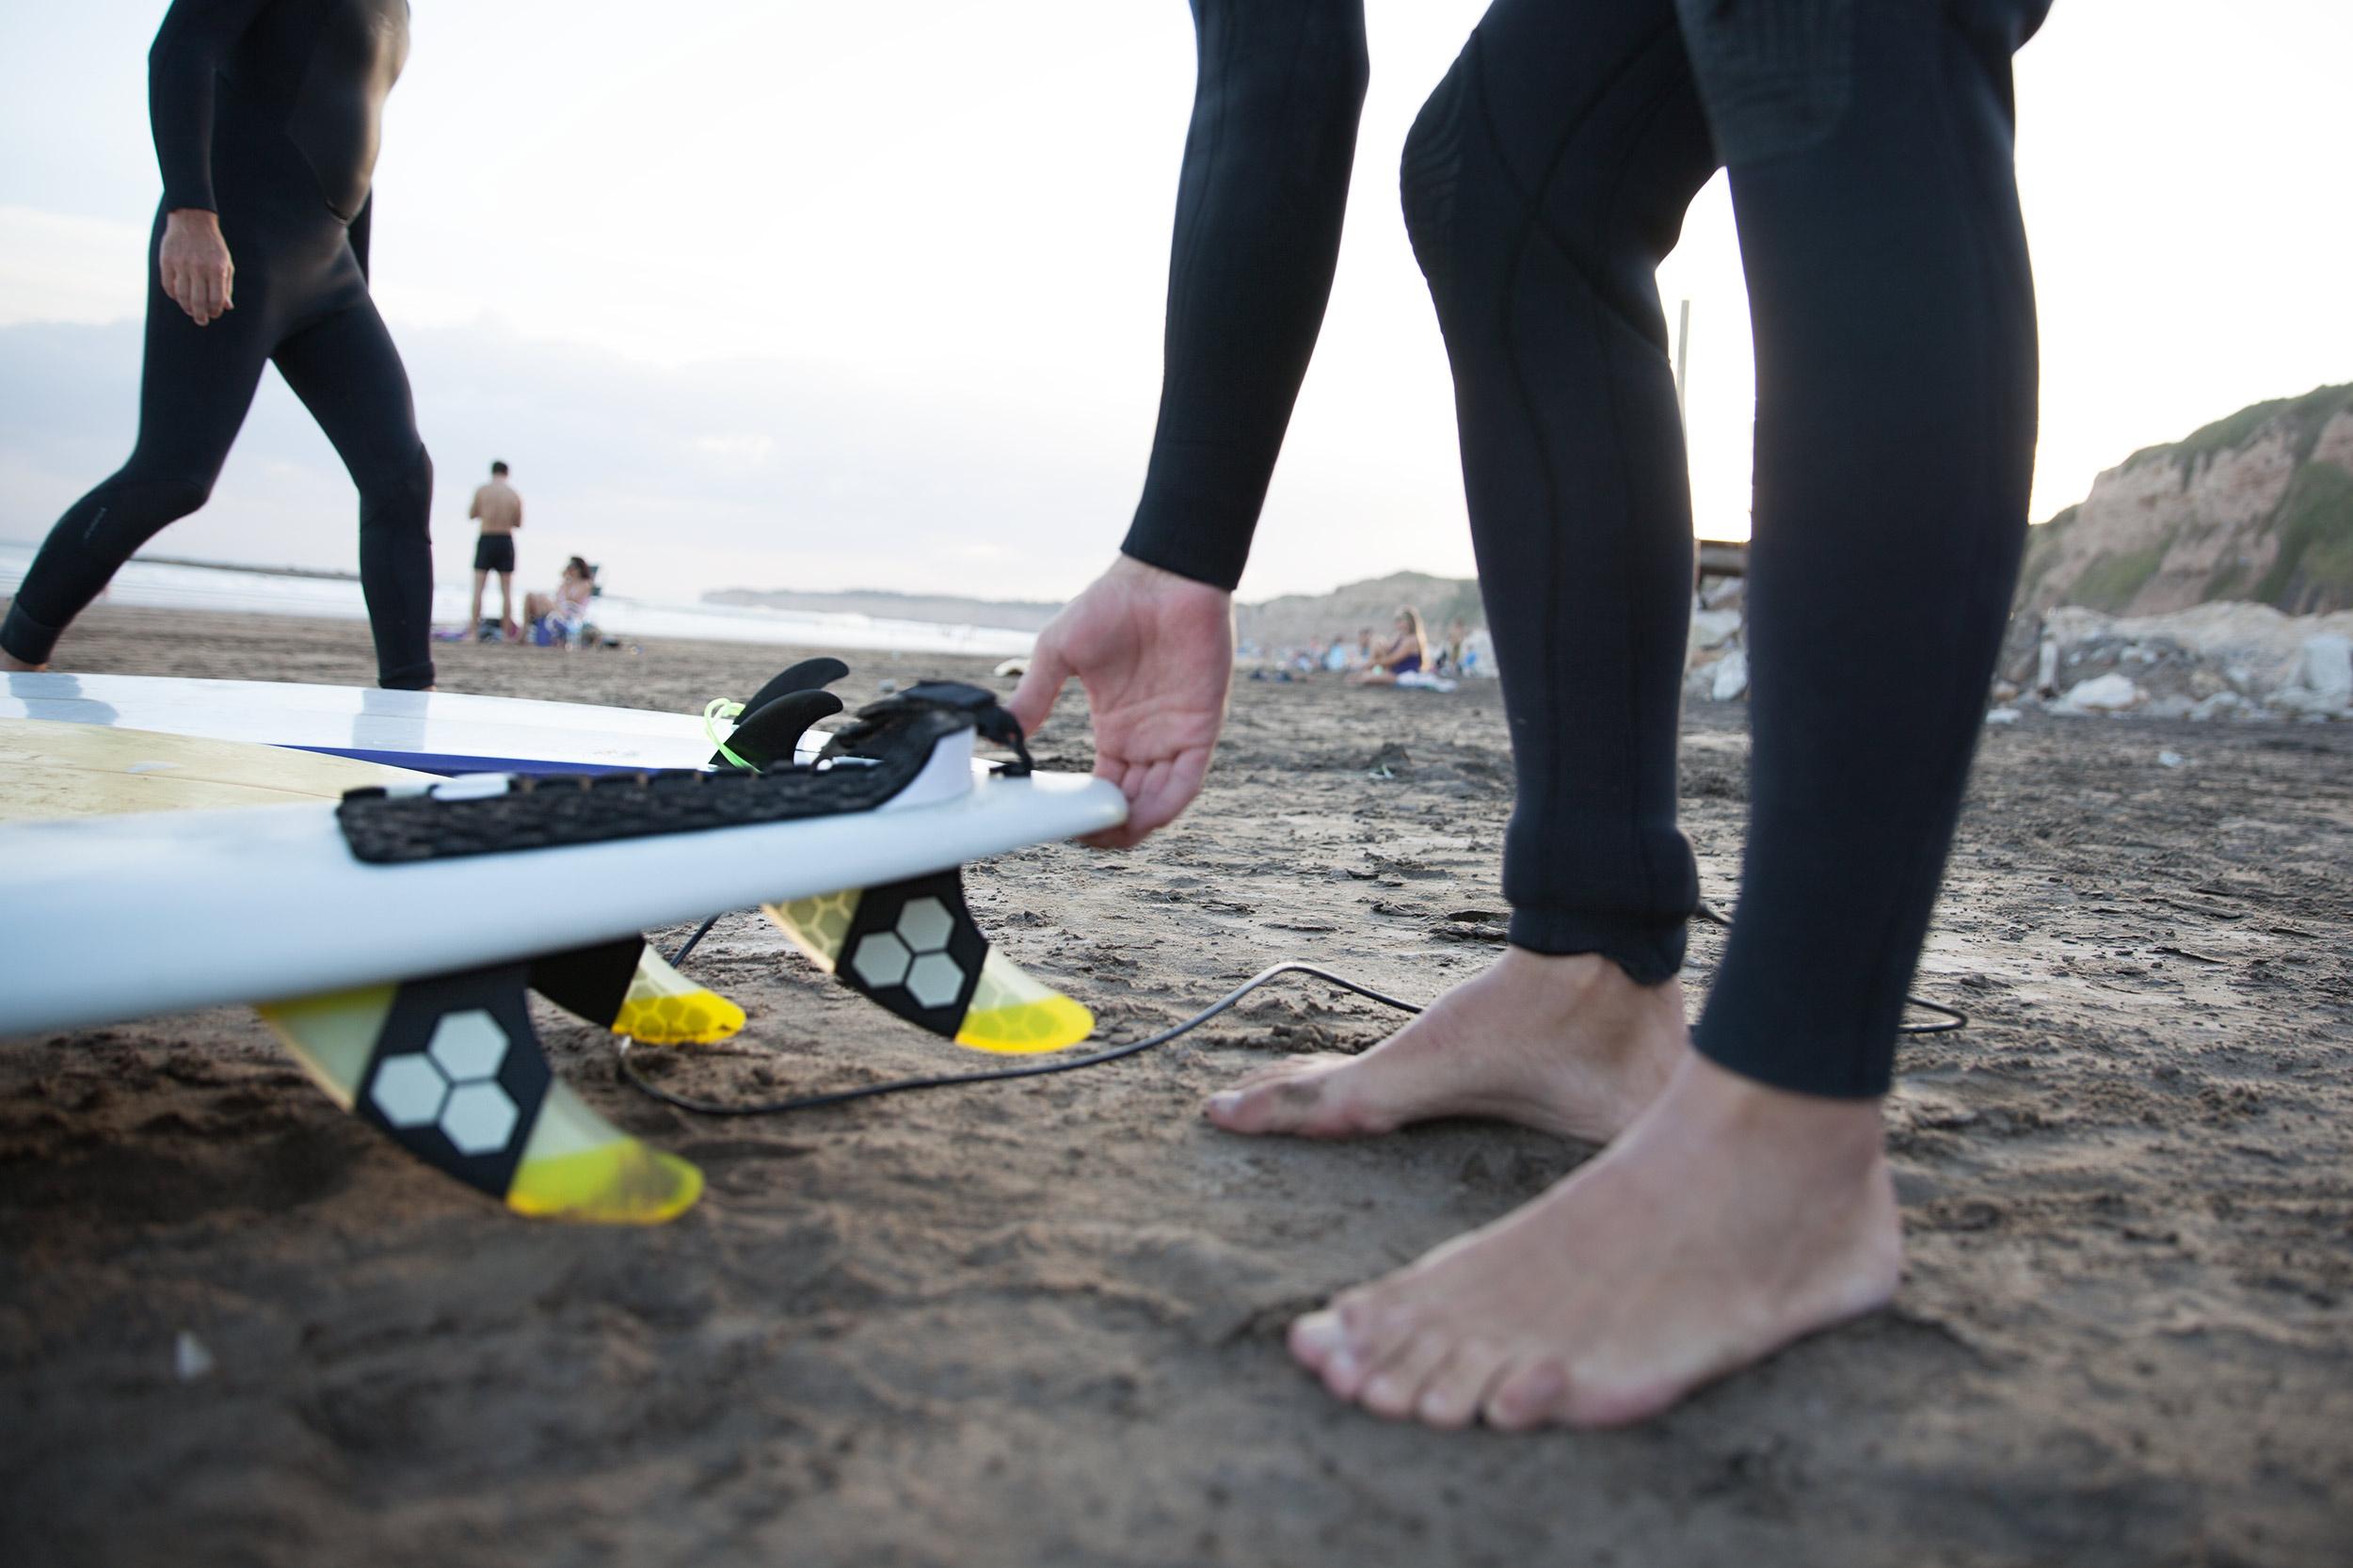 surfers-MardelPlata-Argentina.jpg